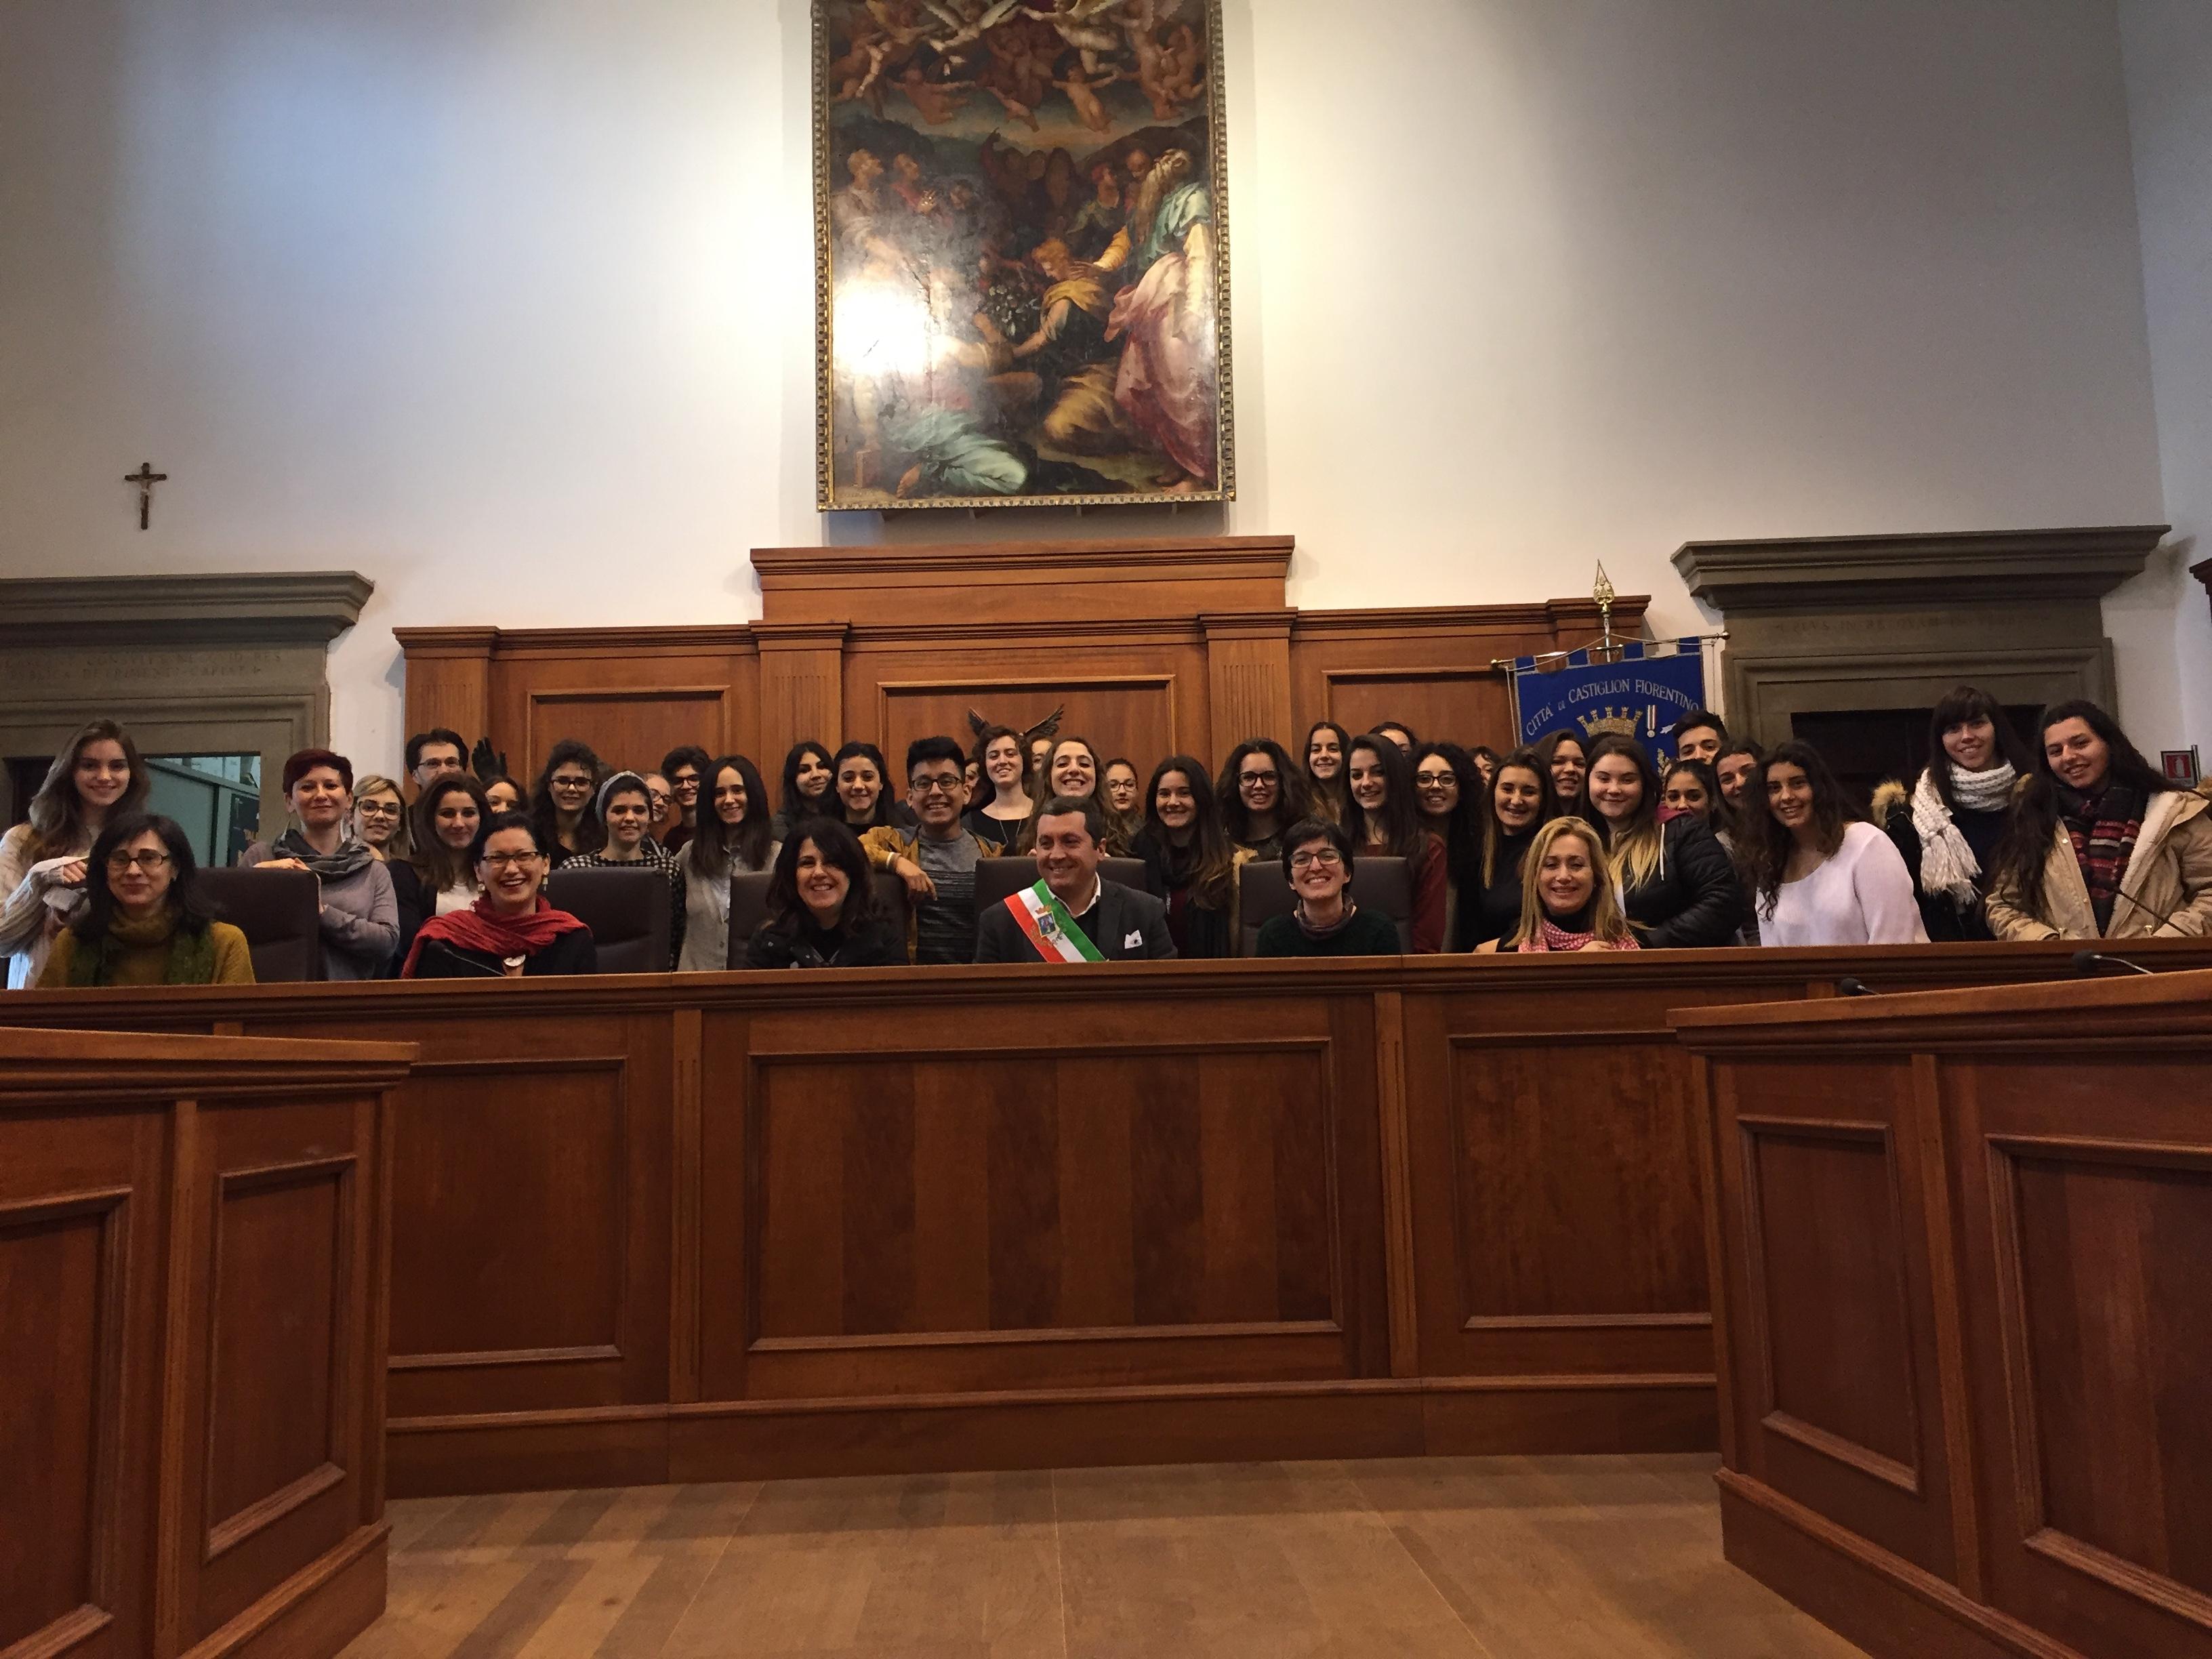 Gemellaggio fra gli studenti di Ibiza e il Liceo Linguistico di Castiglioni